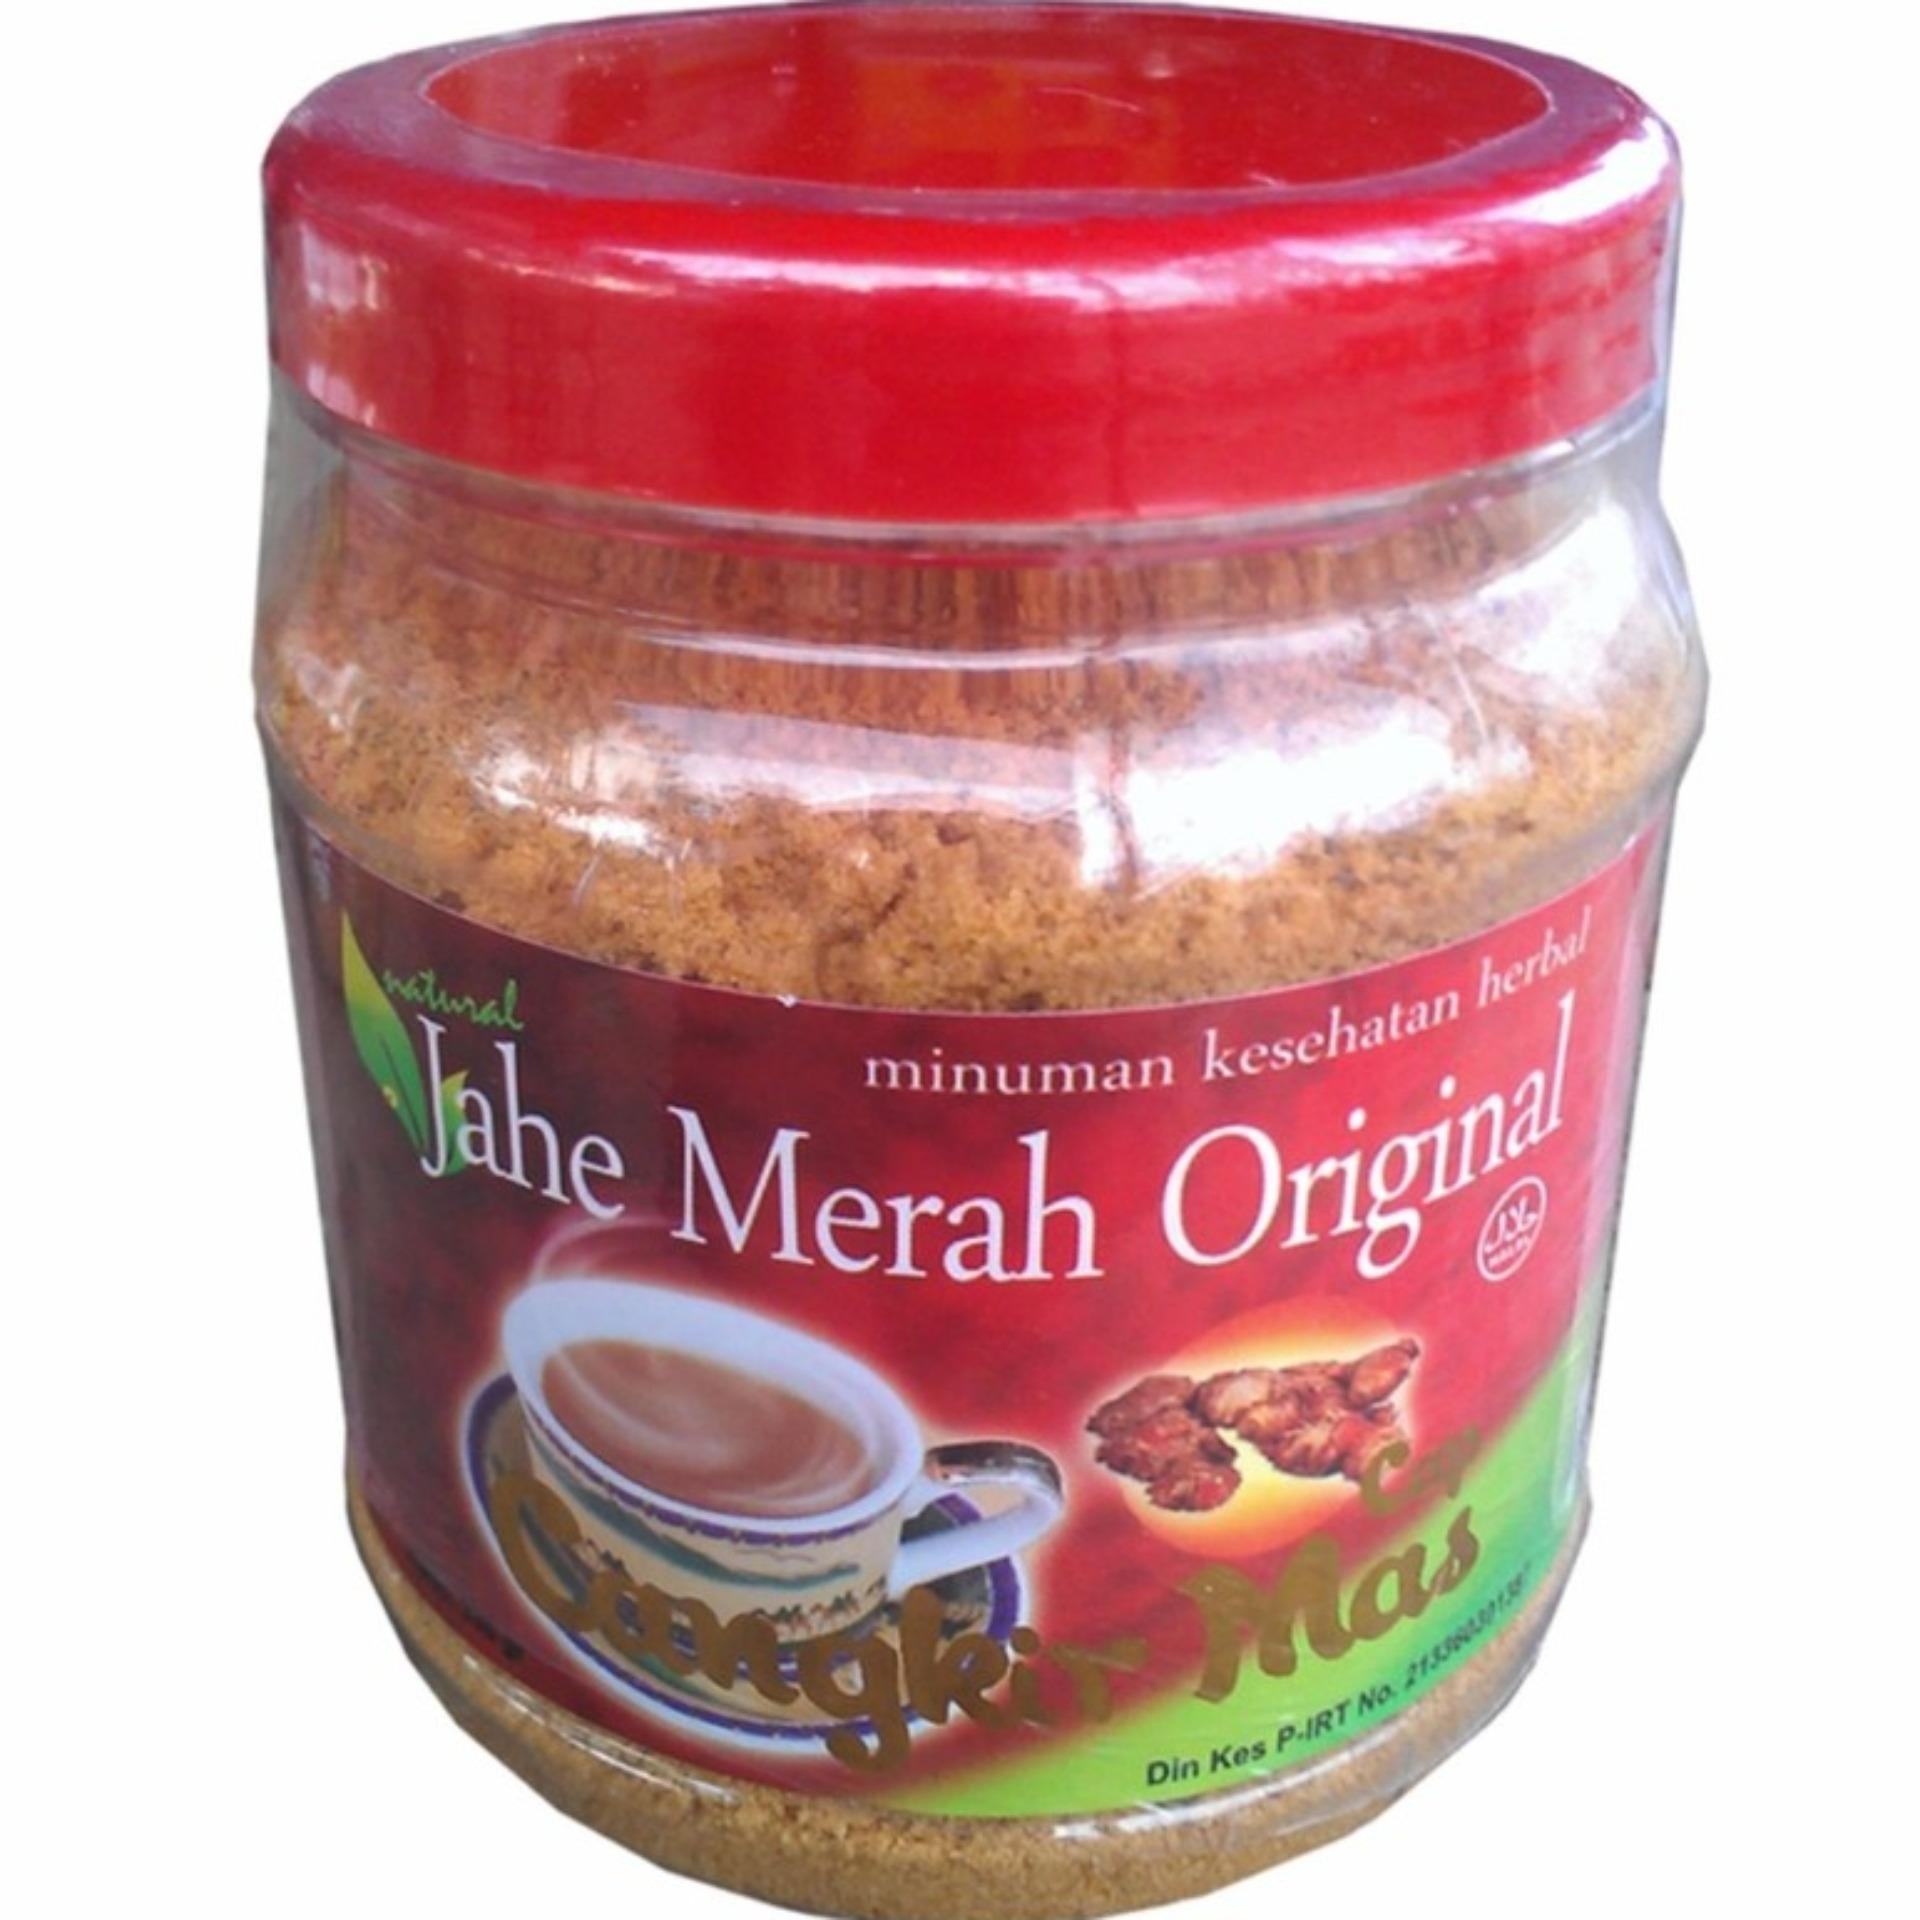 Jahe Merah Original Cangkir Mas -1 toples